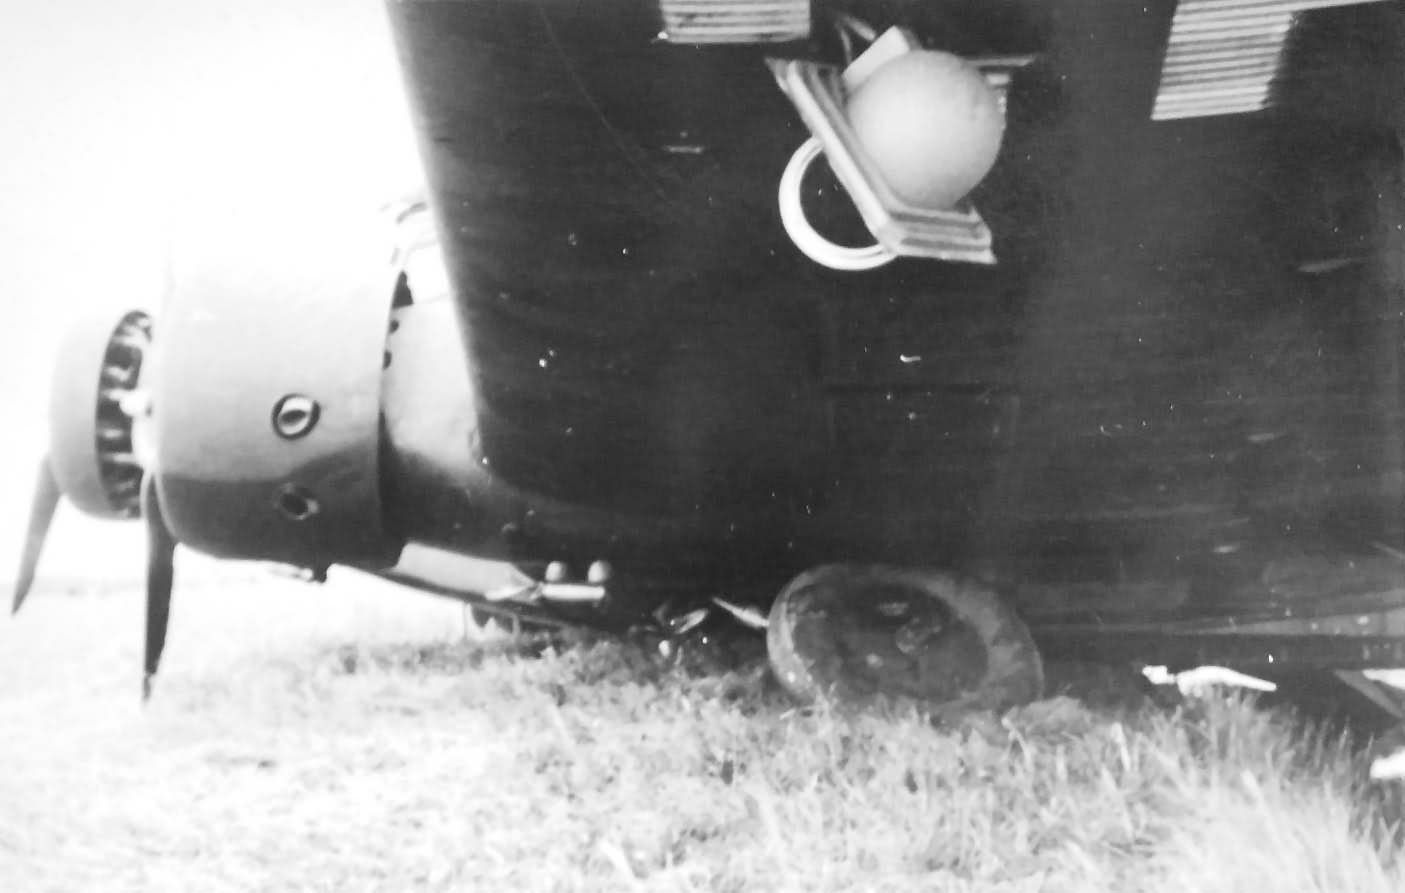 Junkers Ju 52 damaged